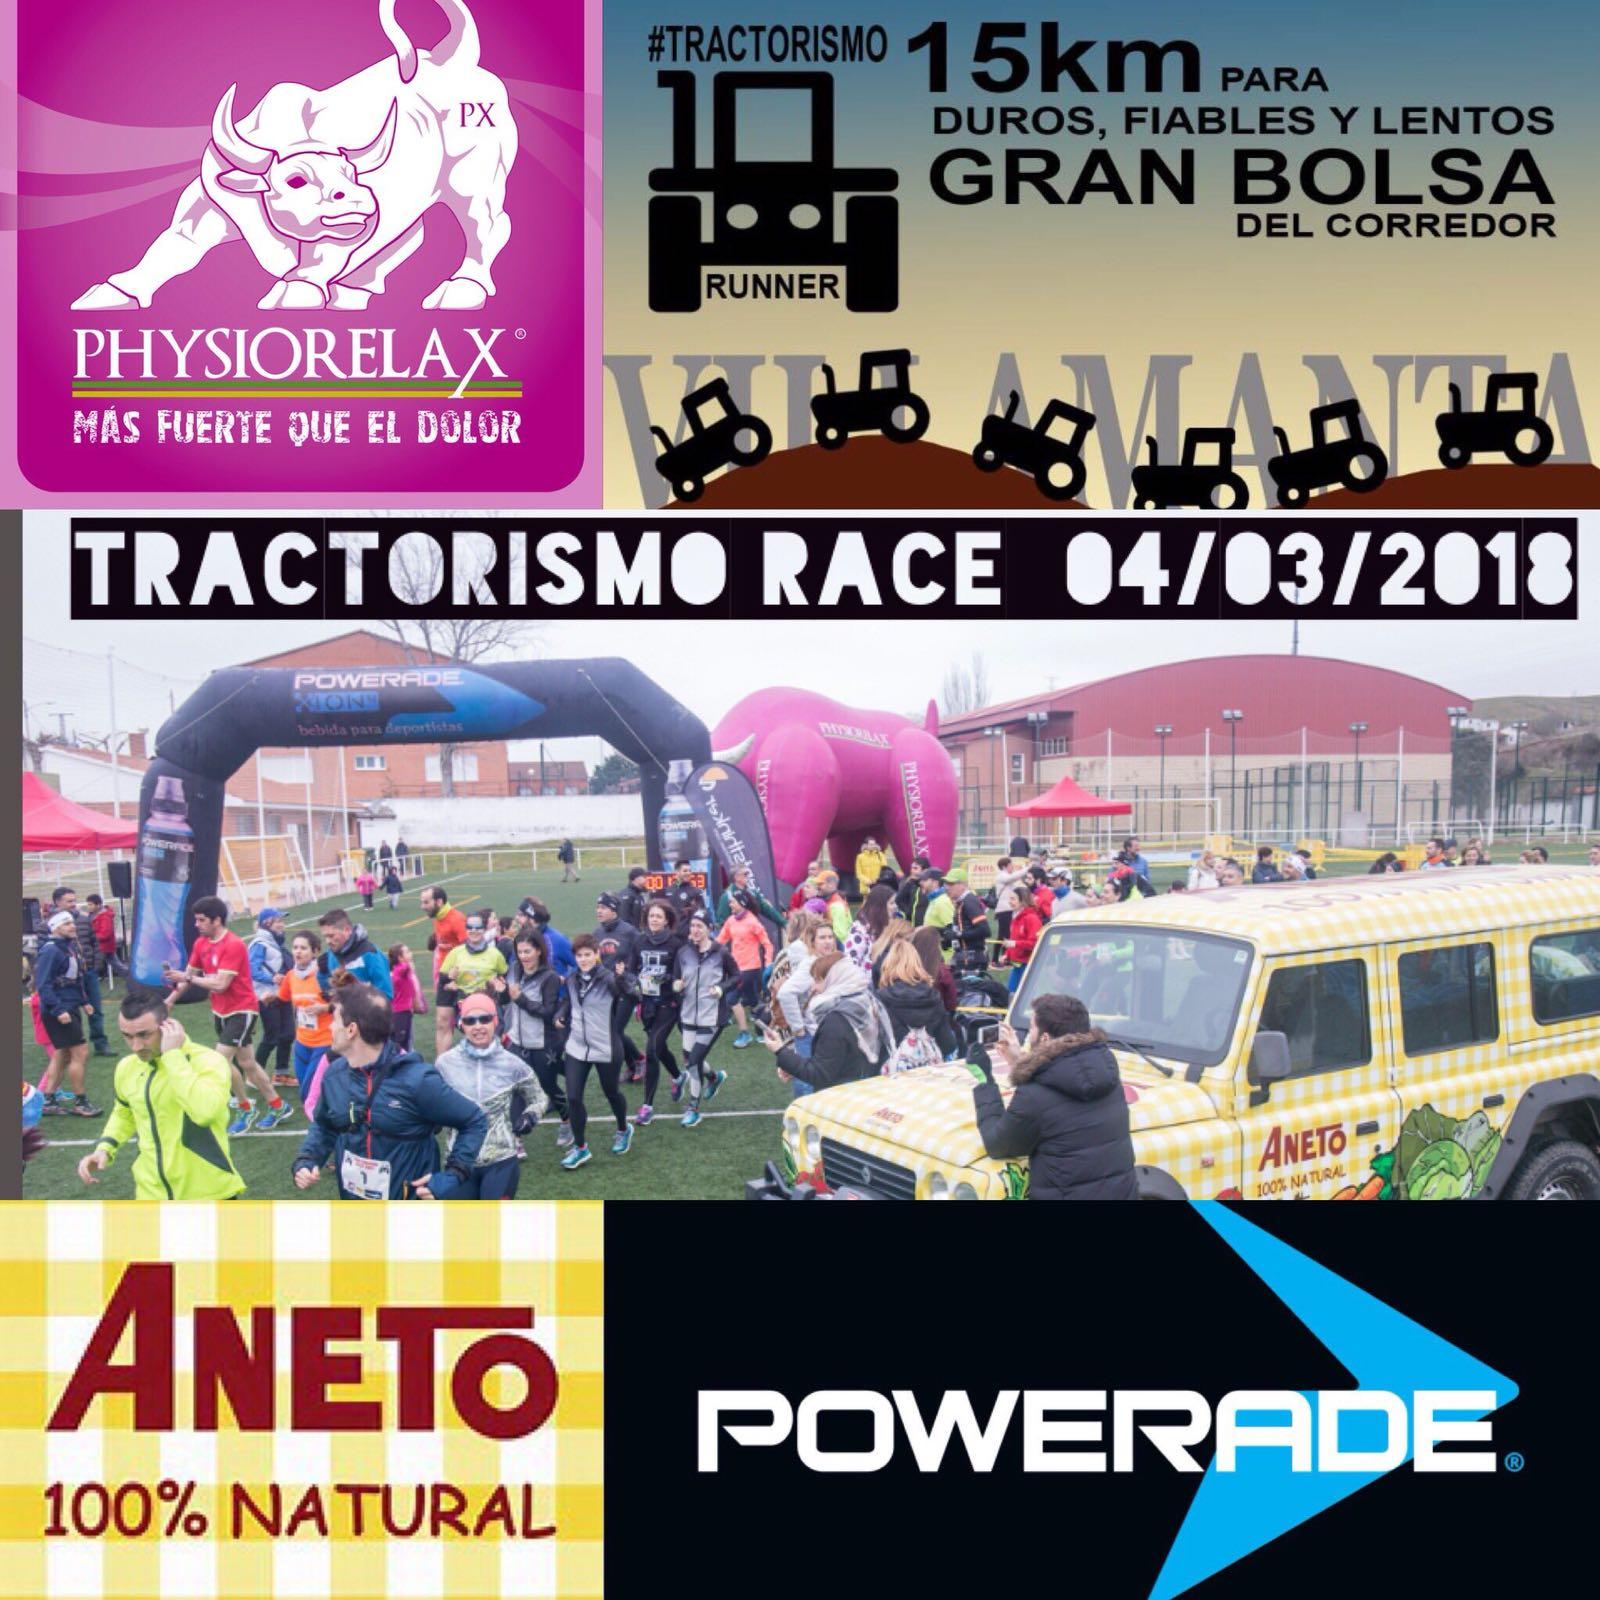 Tractorismo race 4/03/2018